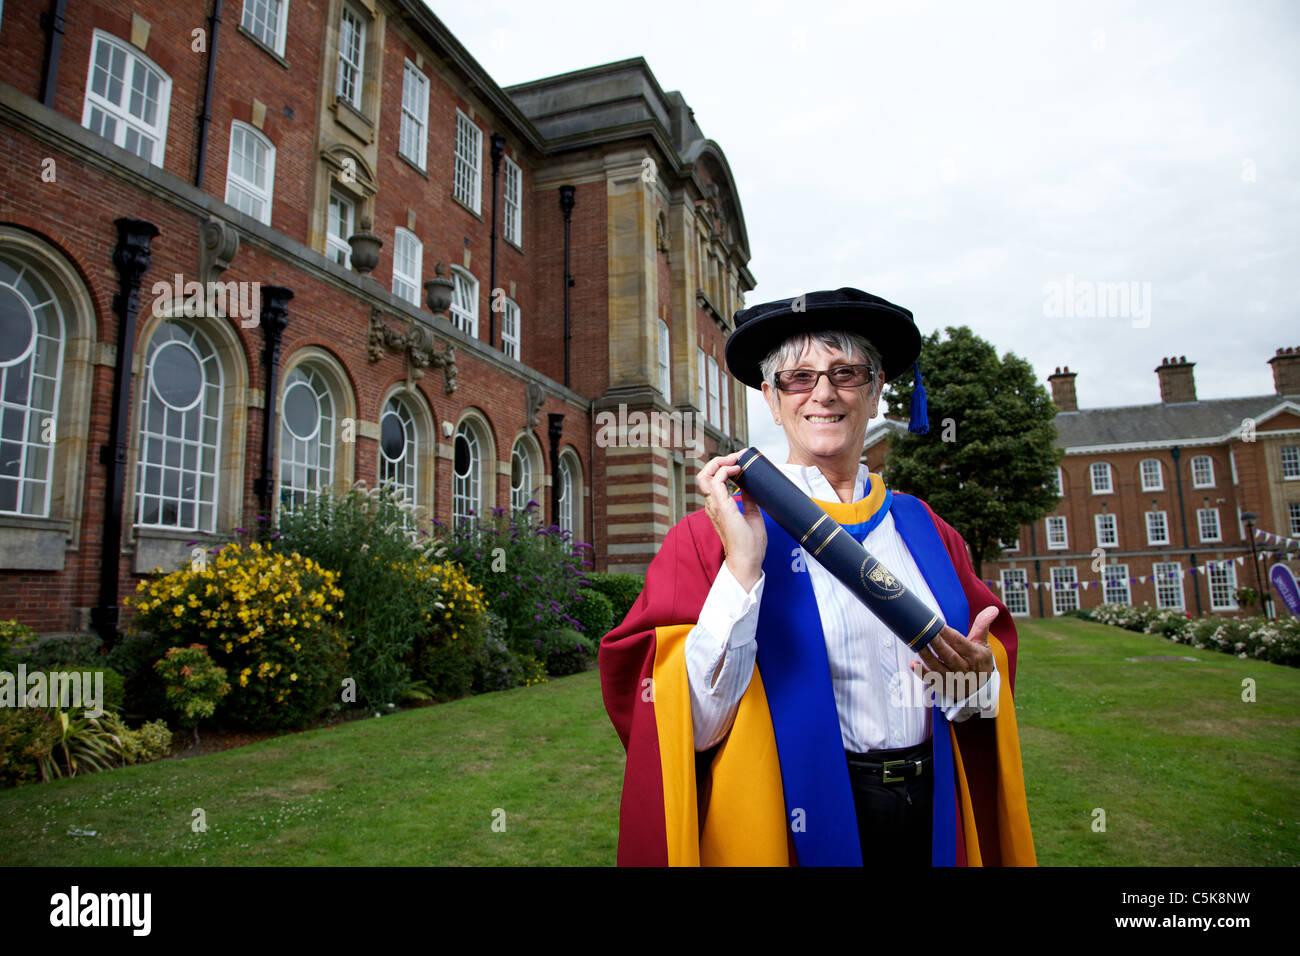 Dorothy Hyman riceve un dottorato onorario di scienze dello sport award da Leeds Metropolitan University, 22 Luglio Immagini Stock